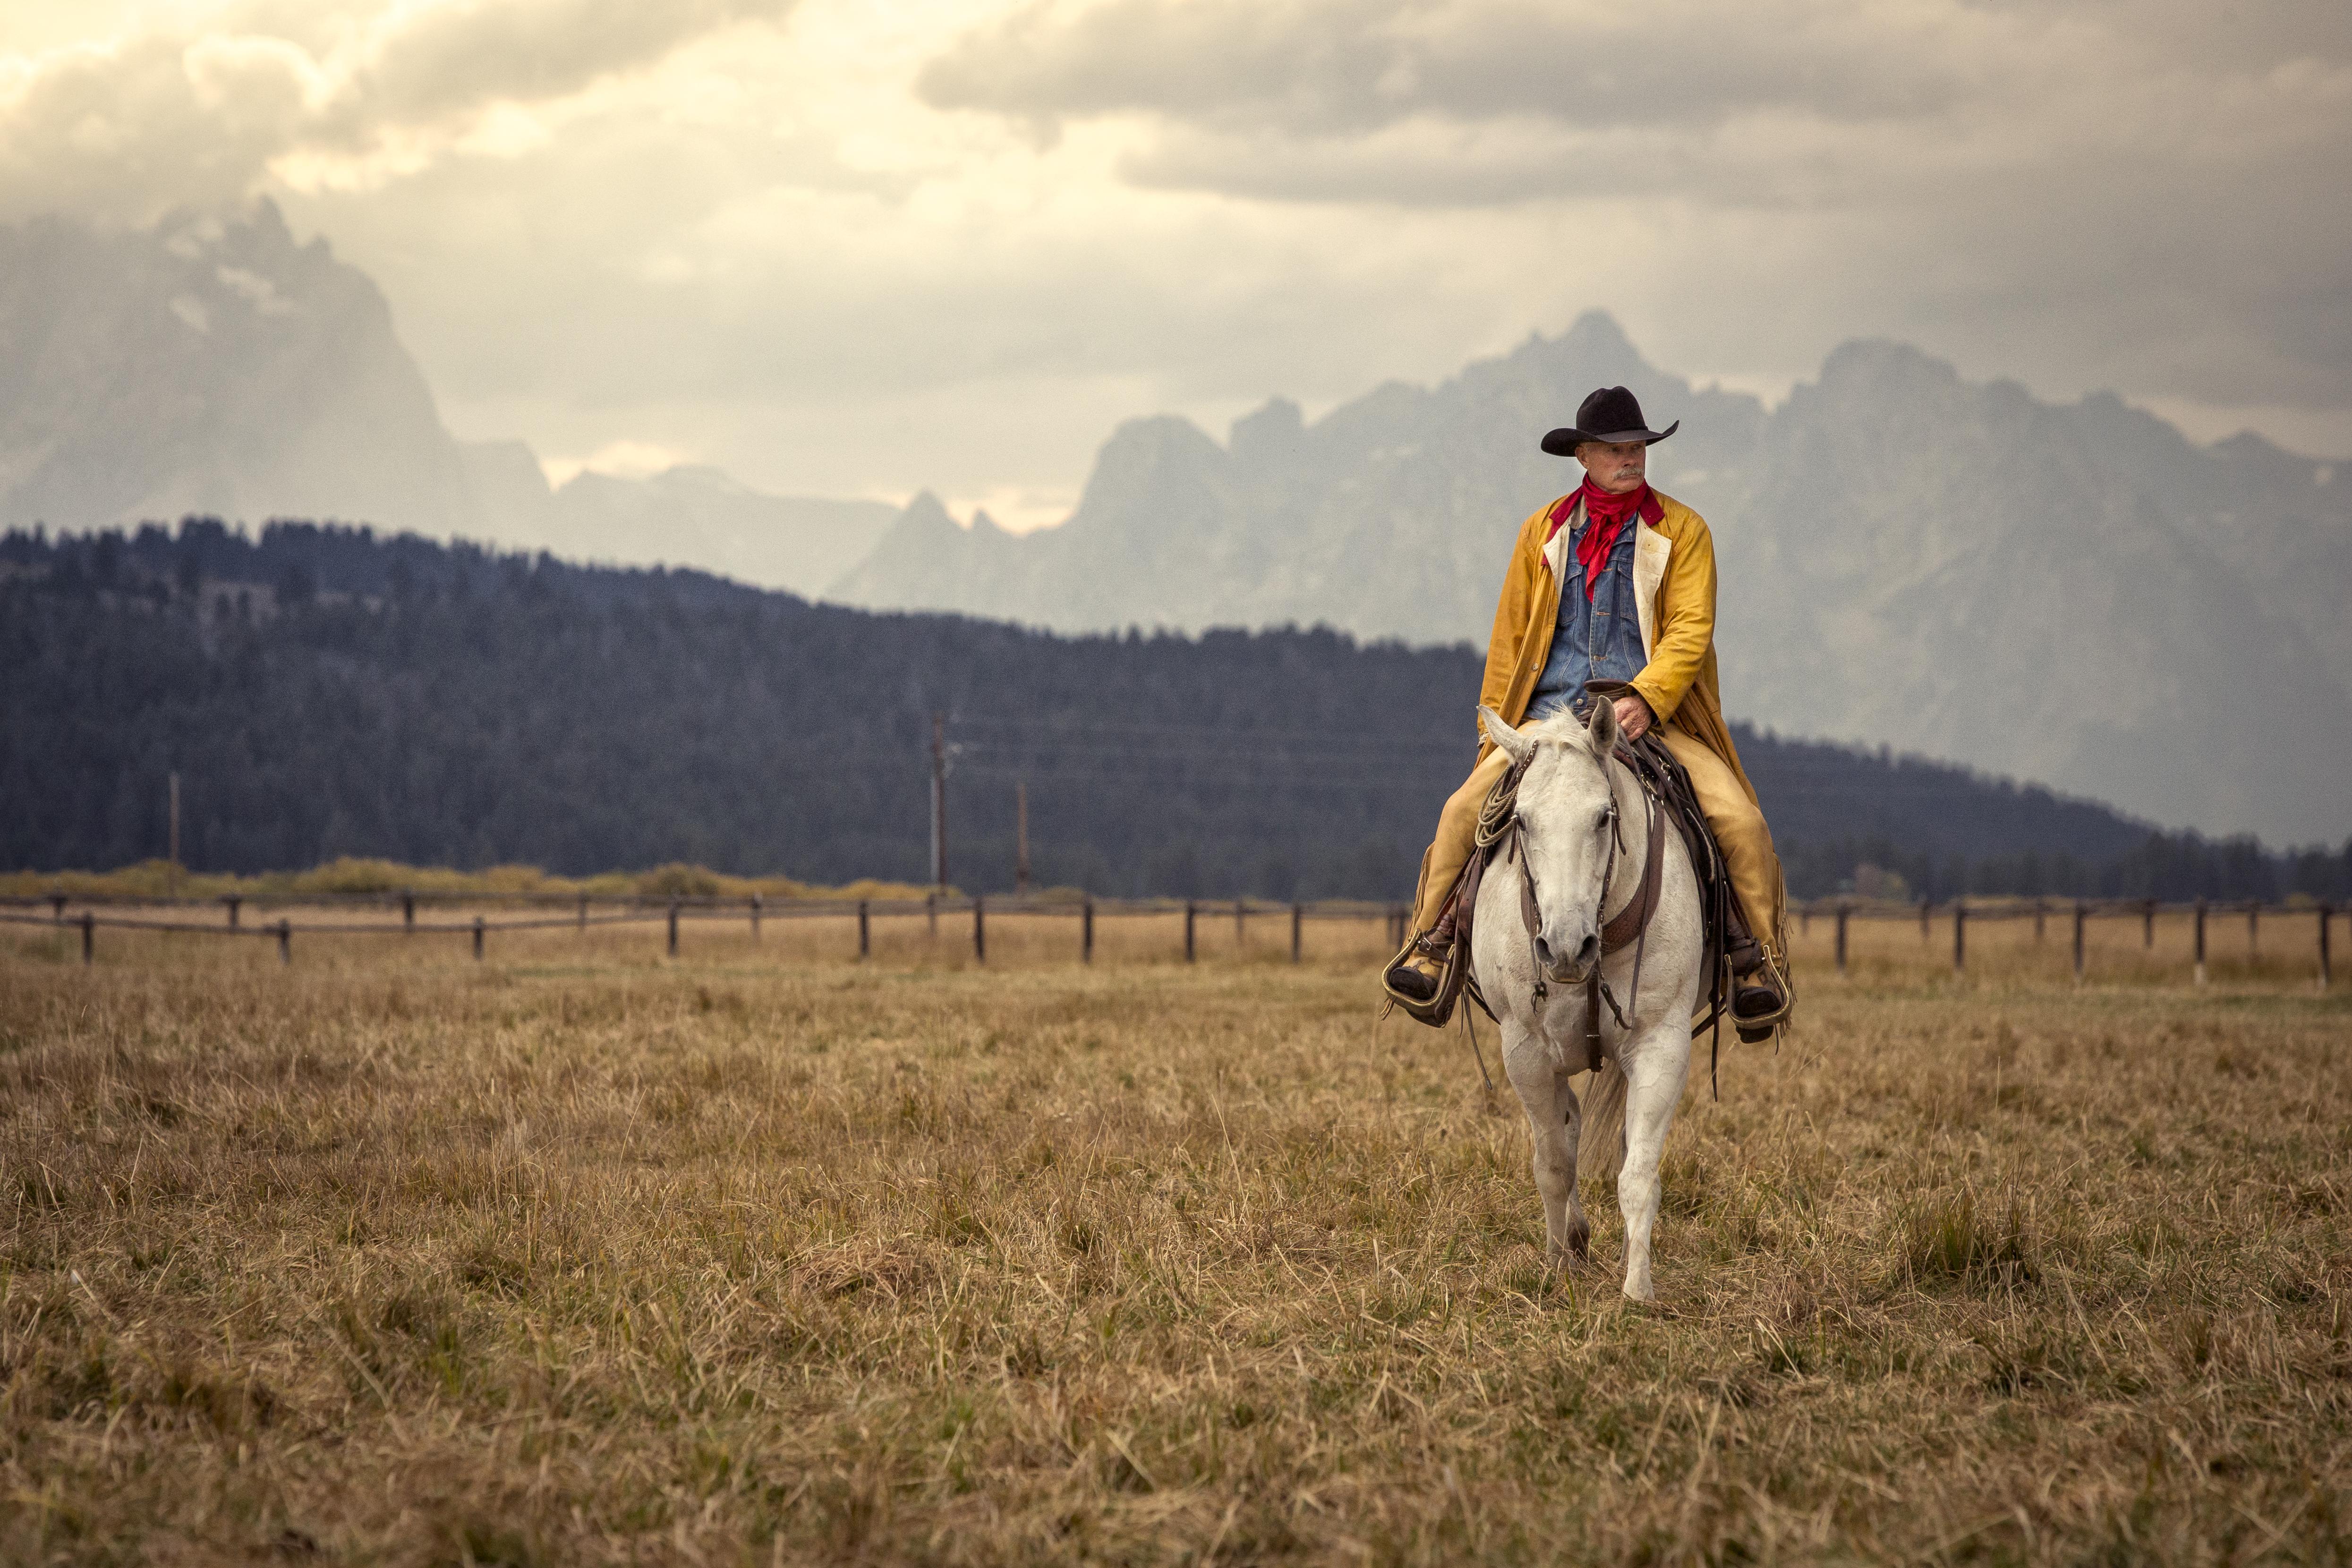 Wyoming cowboy